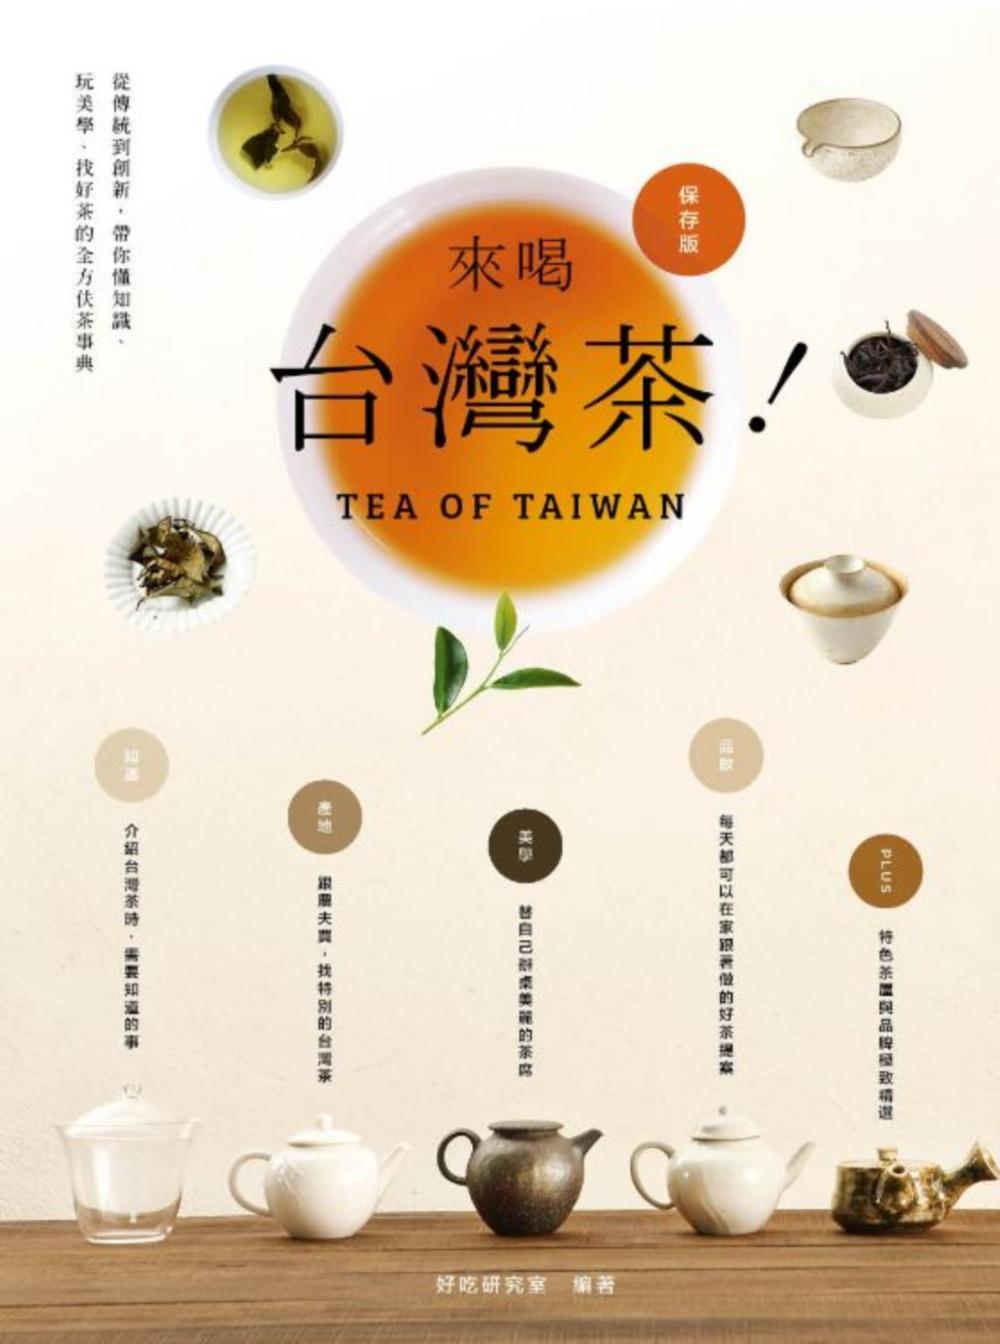 來喝台灣茶!從傳統到創新,帶你懂知識、玩美學、找好茶的全方位茶事典